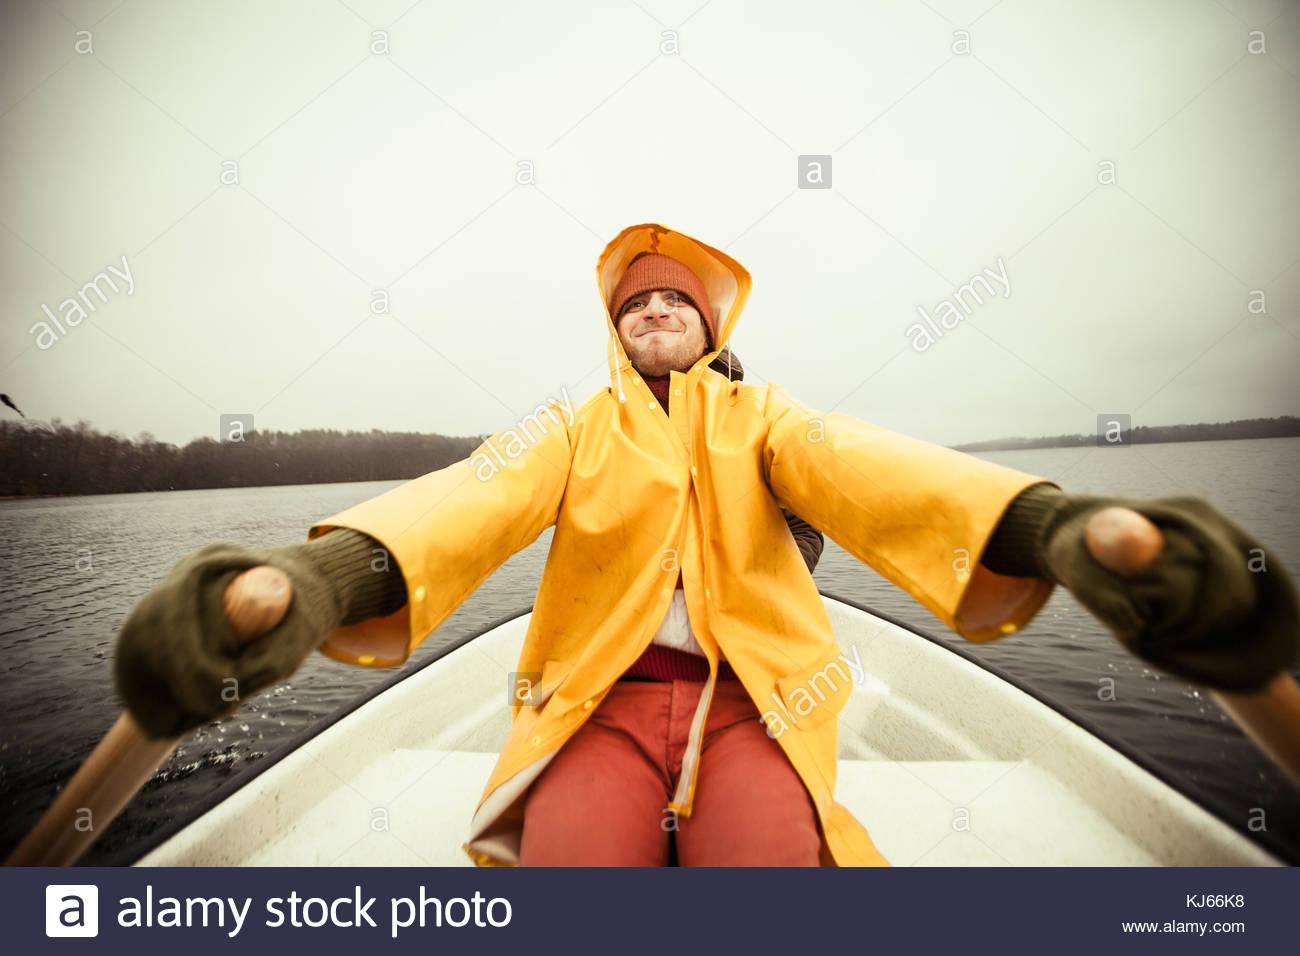 Man rowing - Stock Image